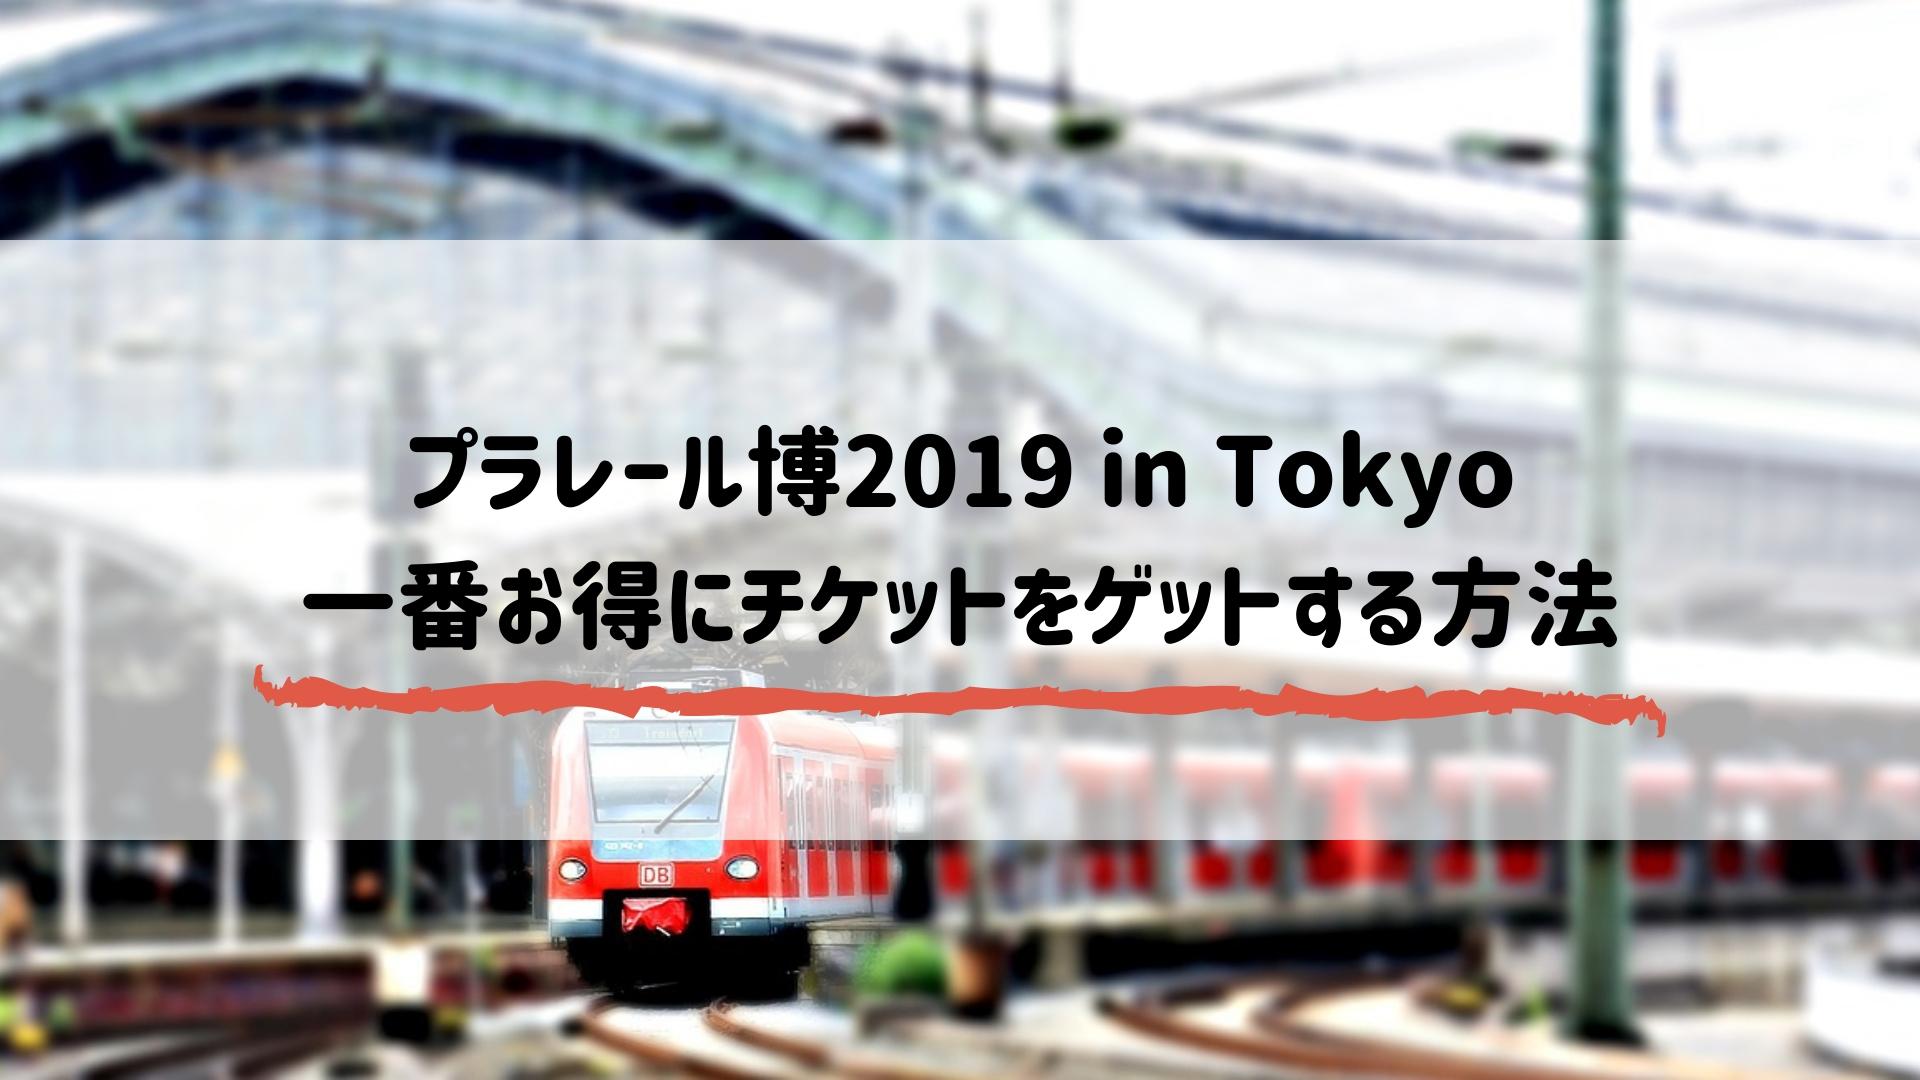 プラレール博2019 in Tokyo 一番お得にチケットをゲットする方法